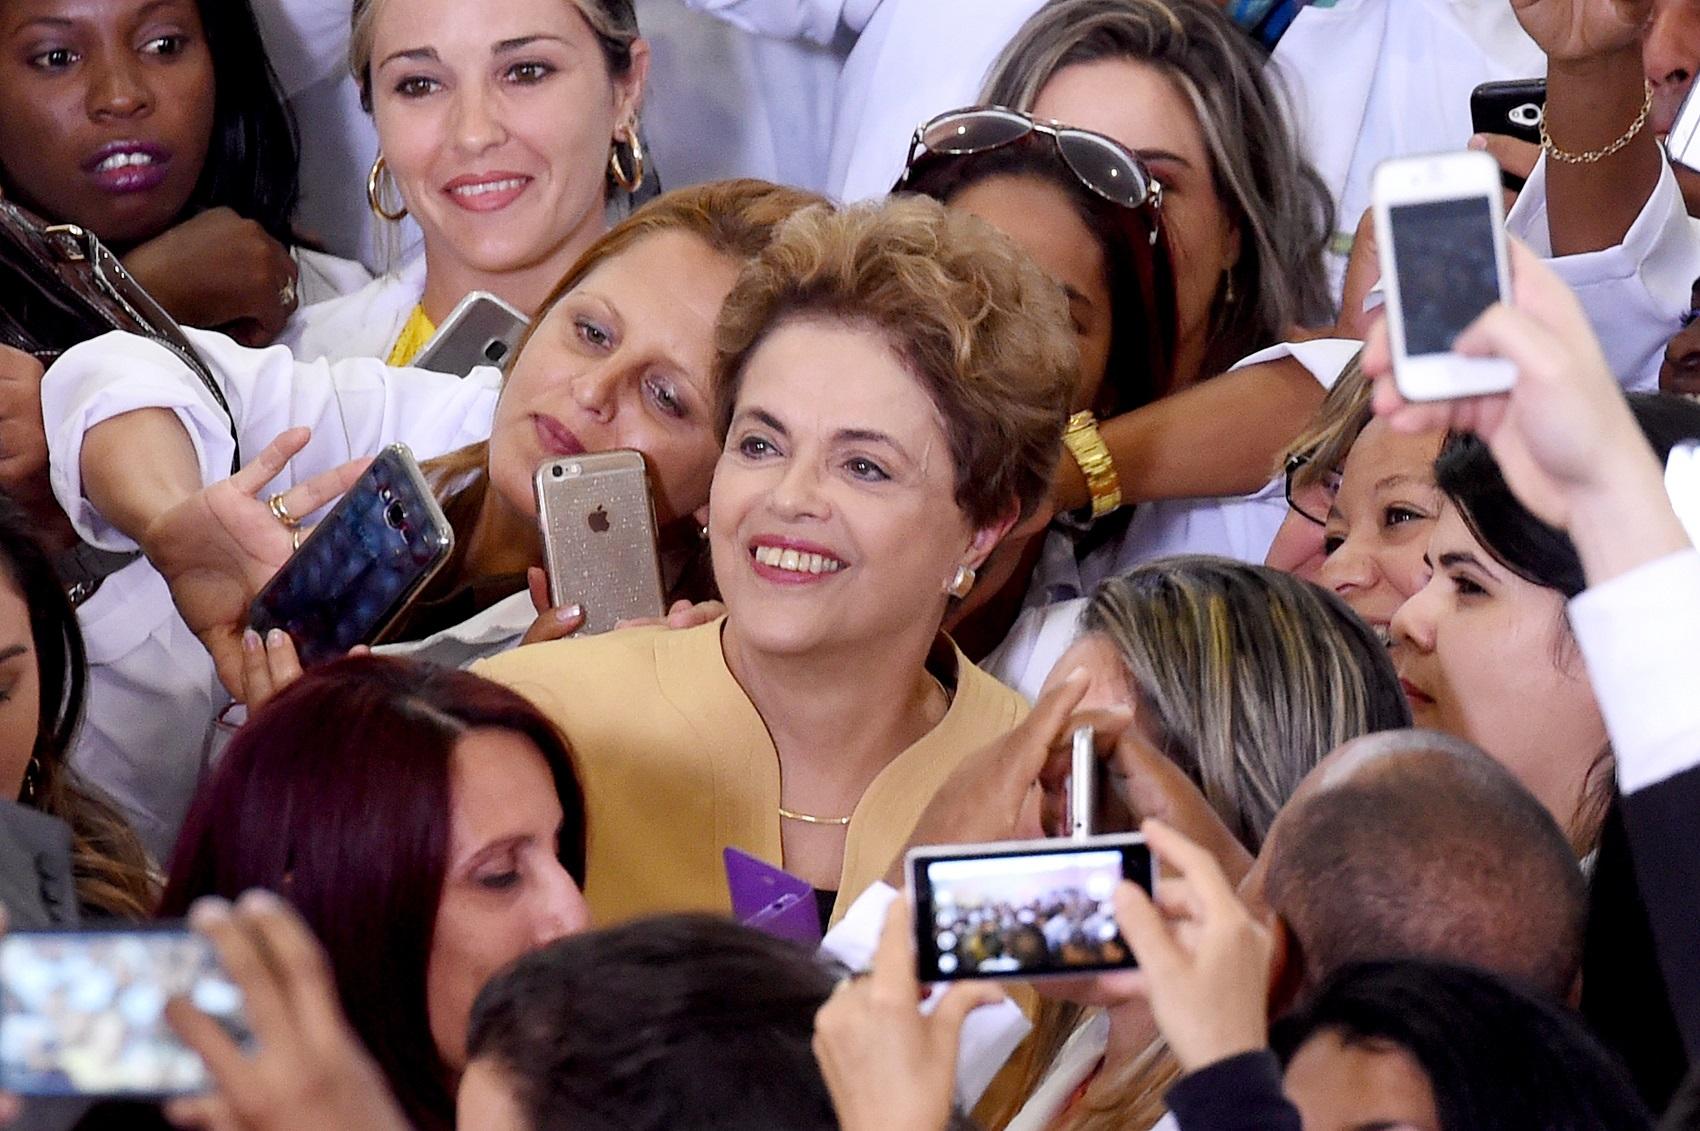 A então presidente Dilma Rousseff posa com médicas cubanas depois de uma cerimônia de extensão do programa Mais Médicos em Brasilia, em 2016 (Foto: EVARISTO SA / AFP)